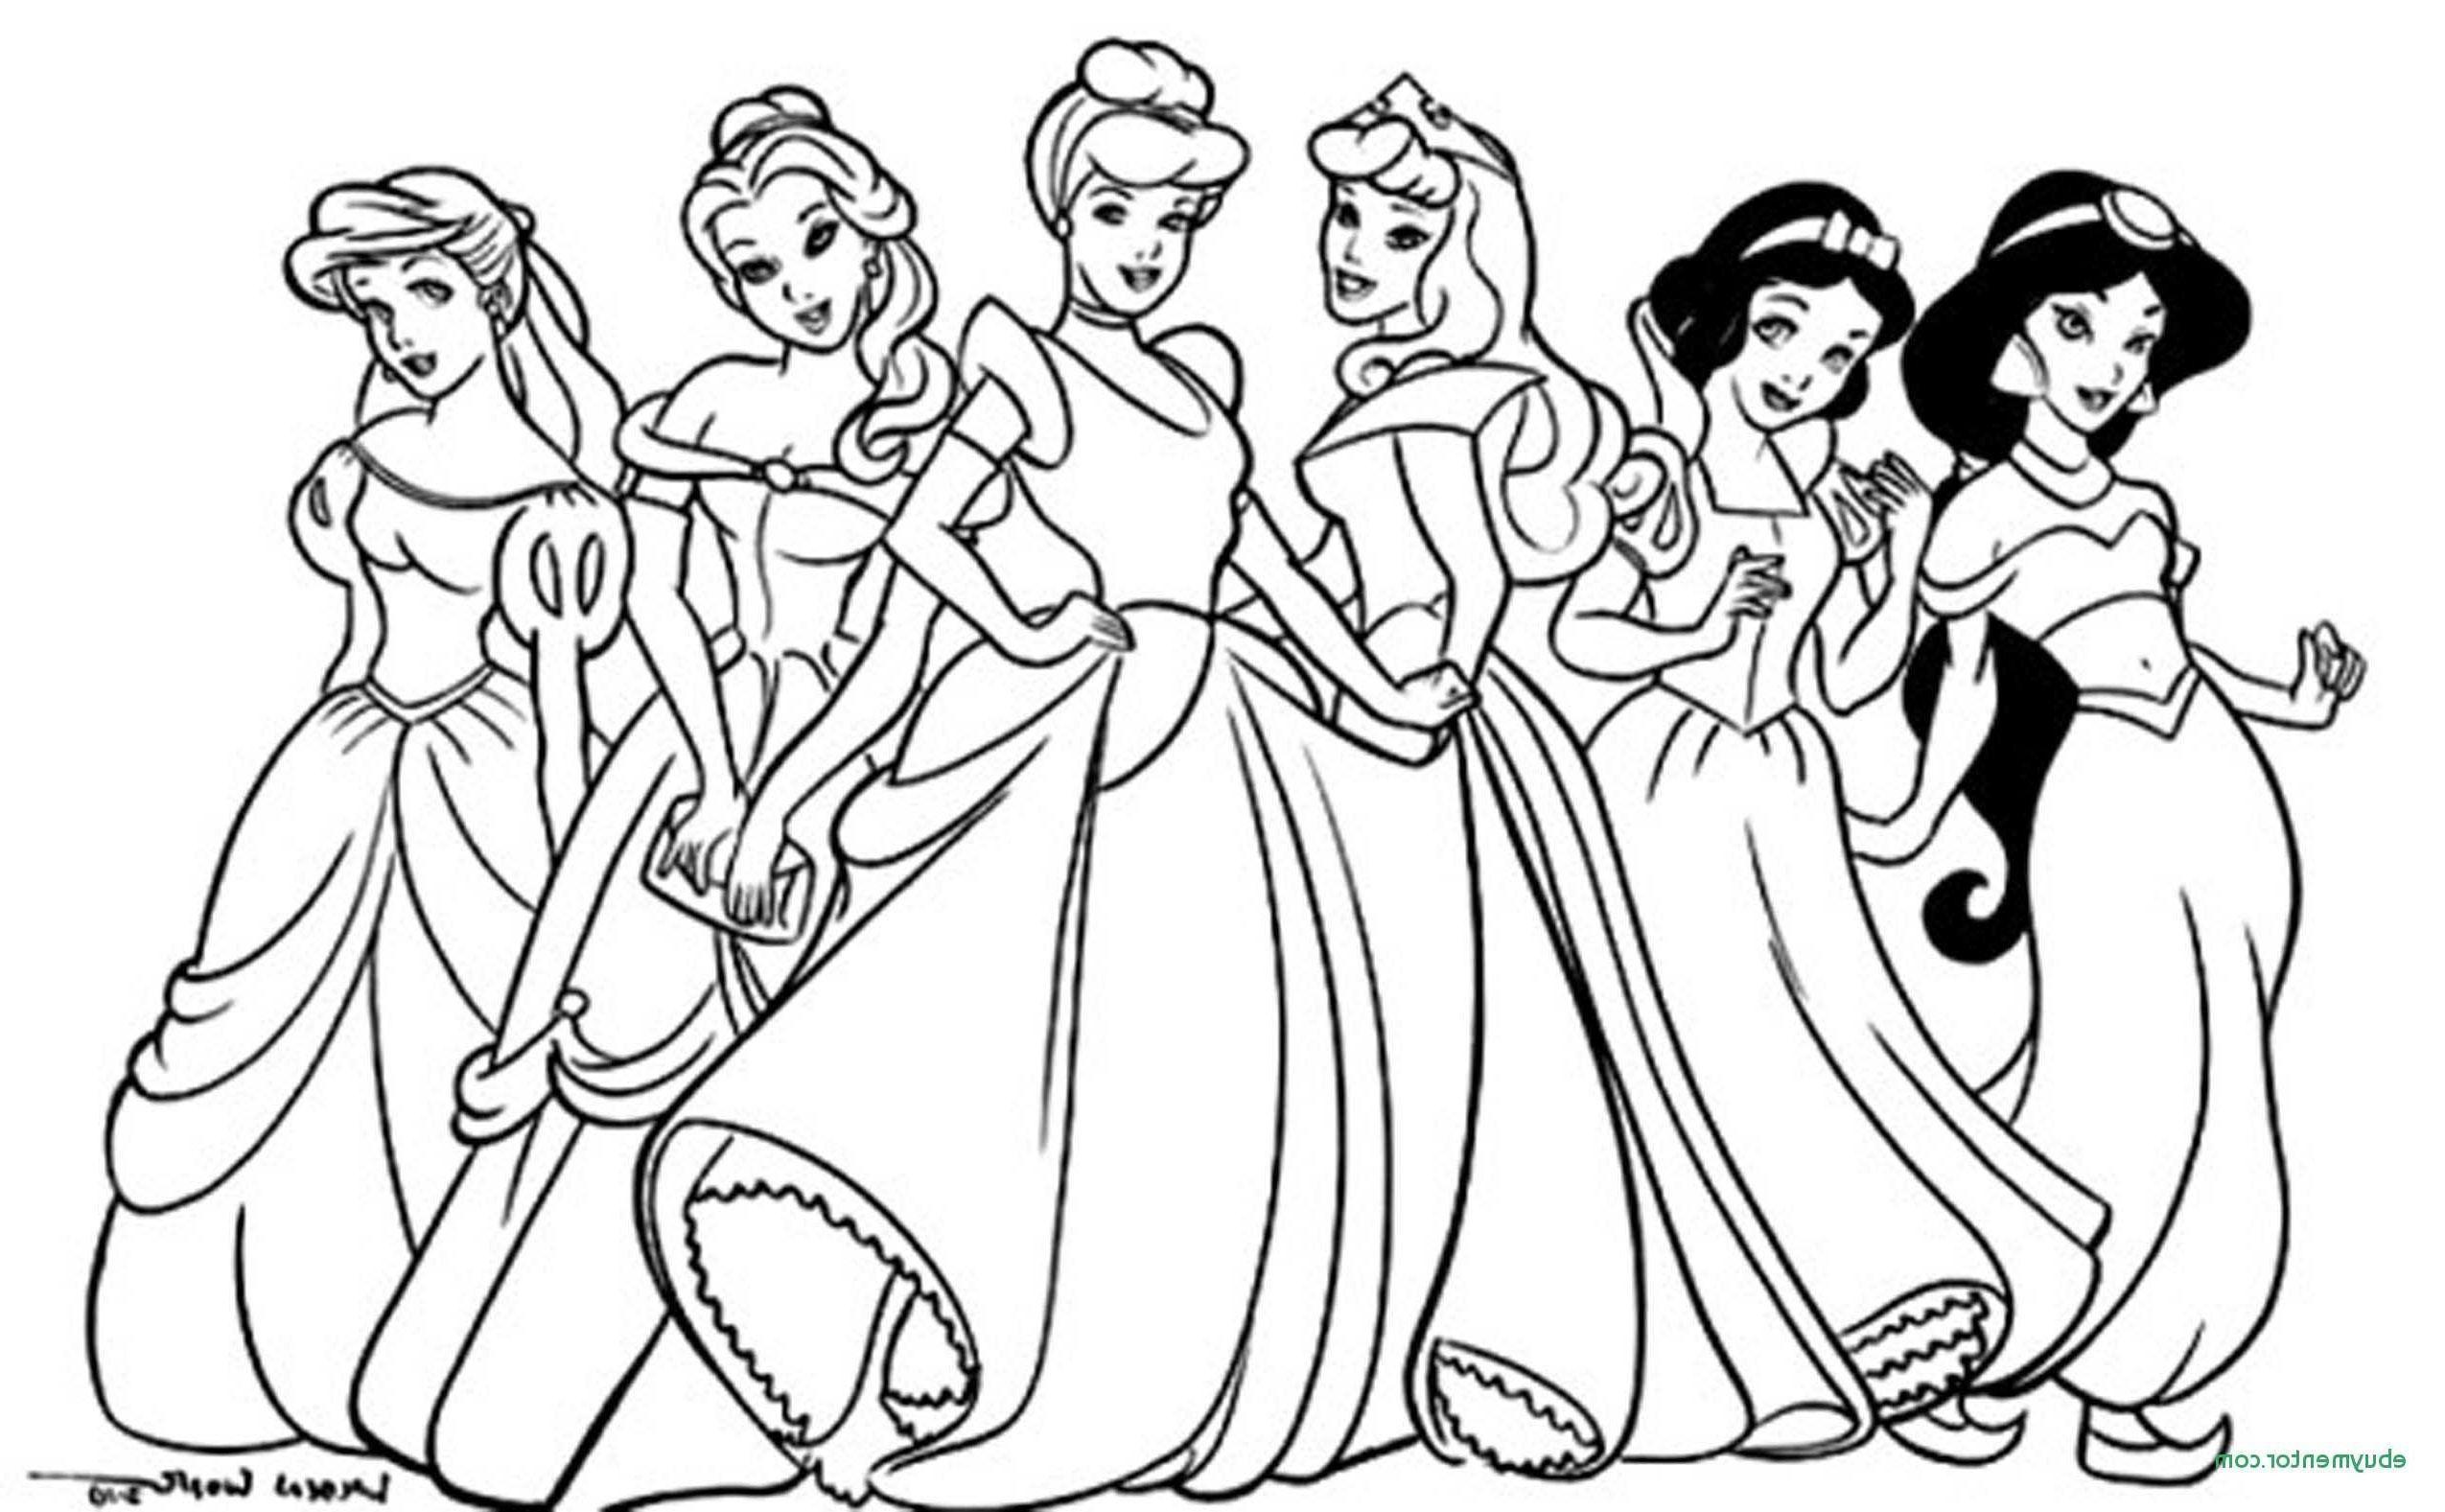 16 Free Printable Disney Princesses Coloring Pages In 2020 Princess Co In 2021 Disney Princess Coloring Pages Princess Coloring Pages Printables Disney Princess Colors